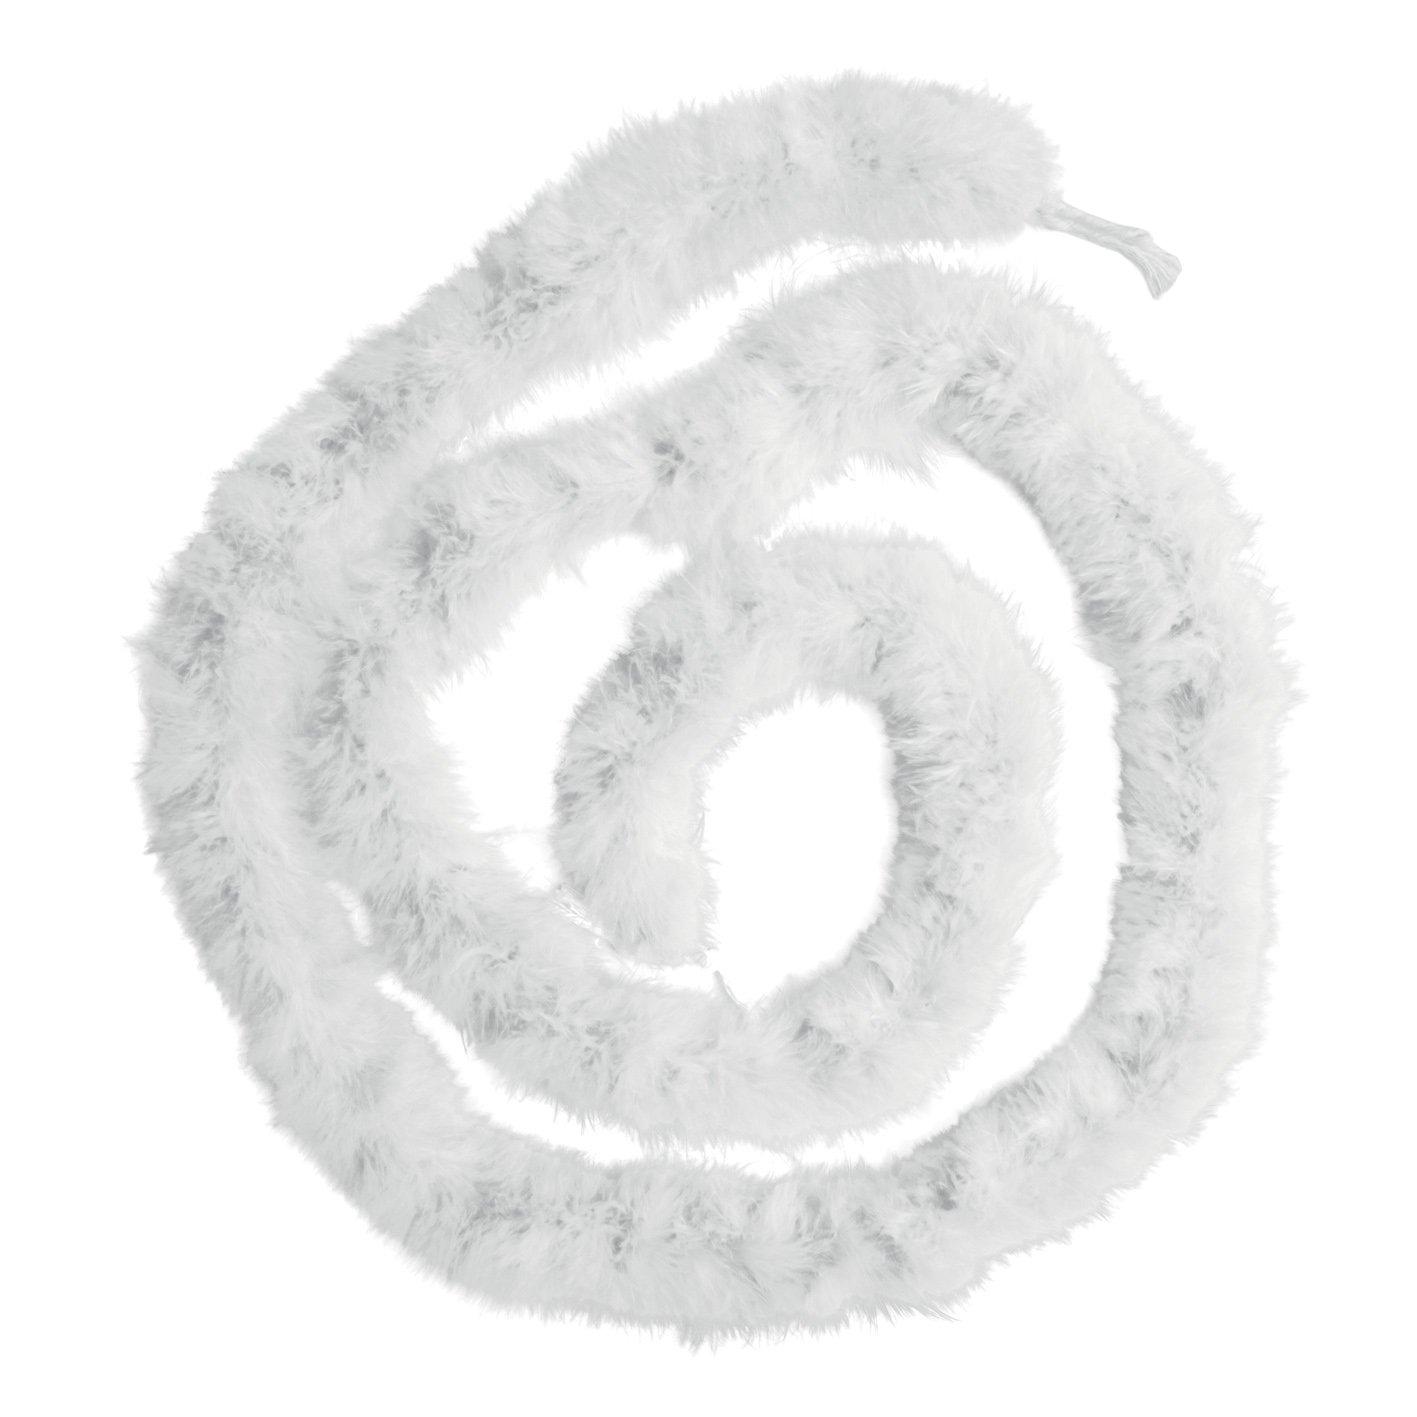 Generique - Garland marabú Blanca 180 Cm Un tamaño Boland 52581